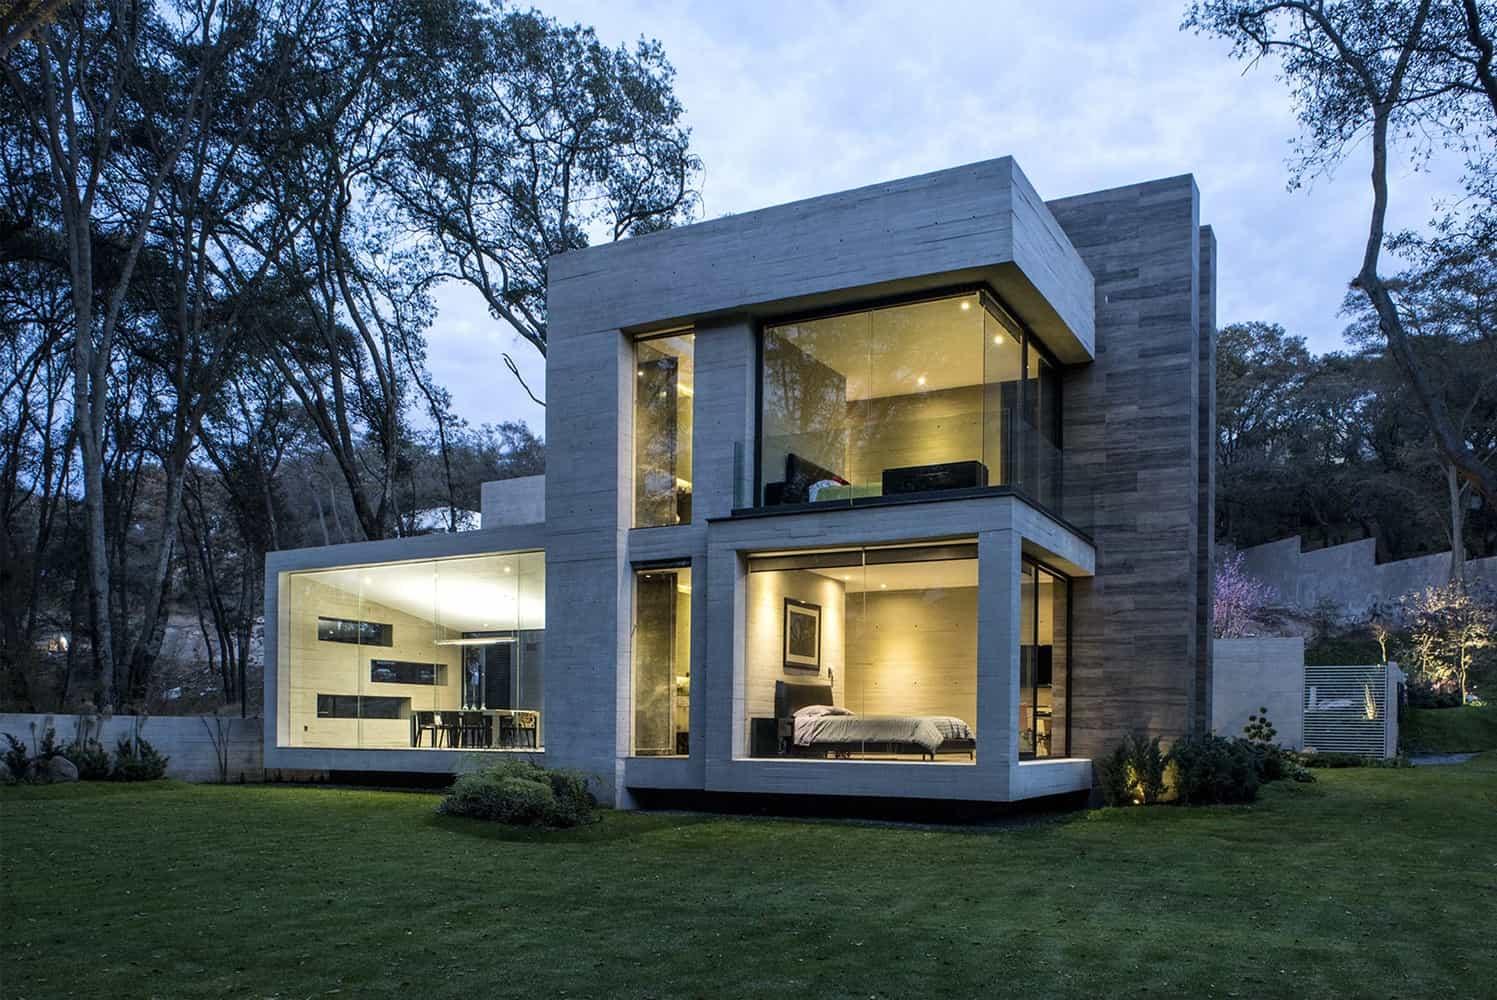 Acabados en fachada de concreto y piedra.